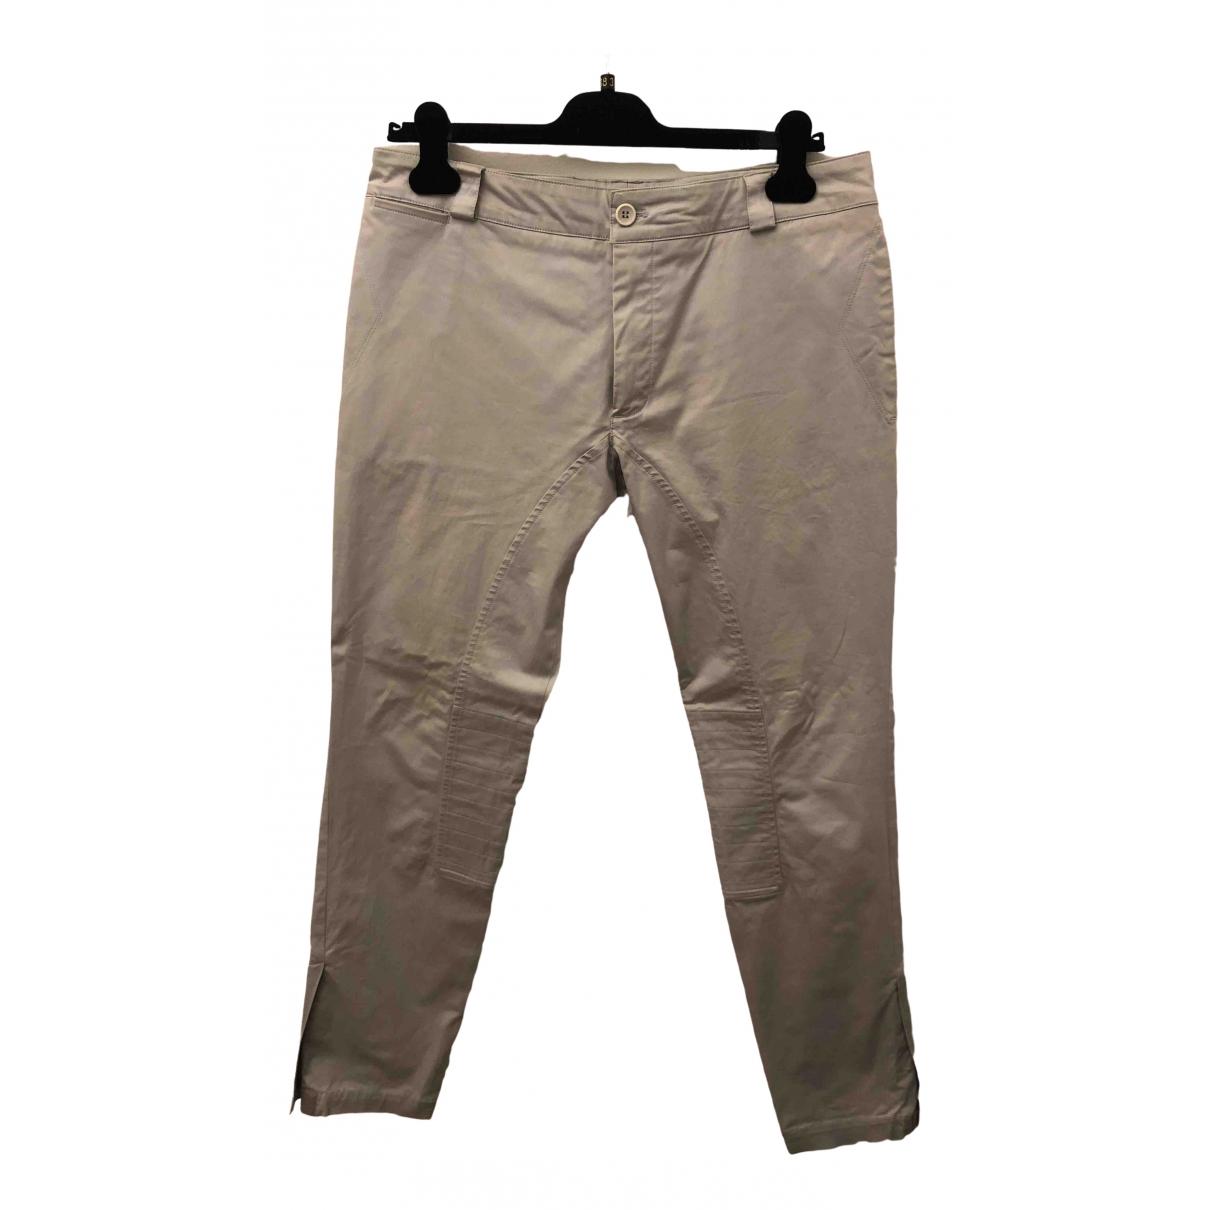 Pantalones en Algodon Gris Ermanno Scervino